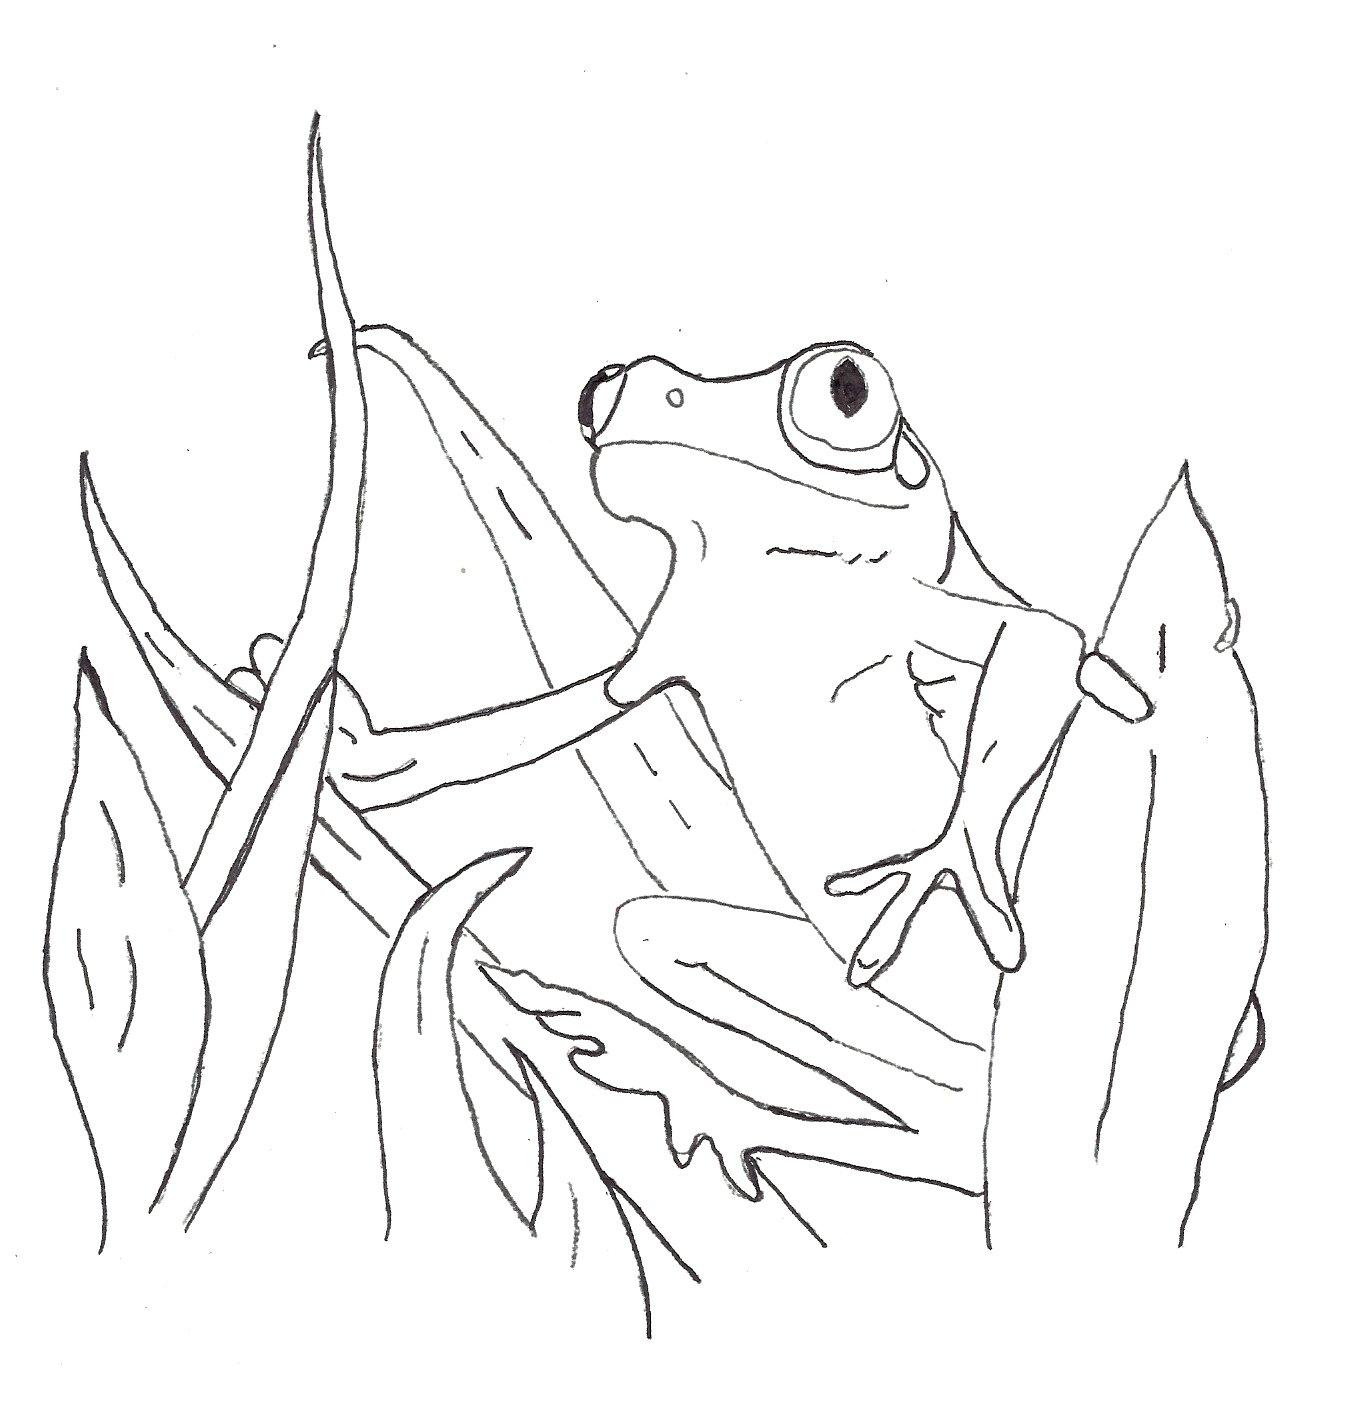 gratuit à imprimer grenouille dessins à colorier pour enfants